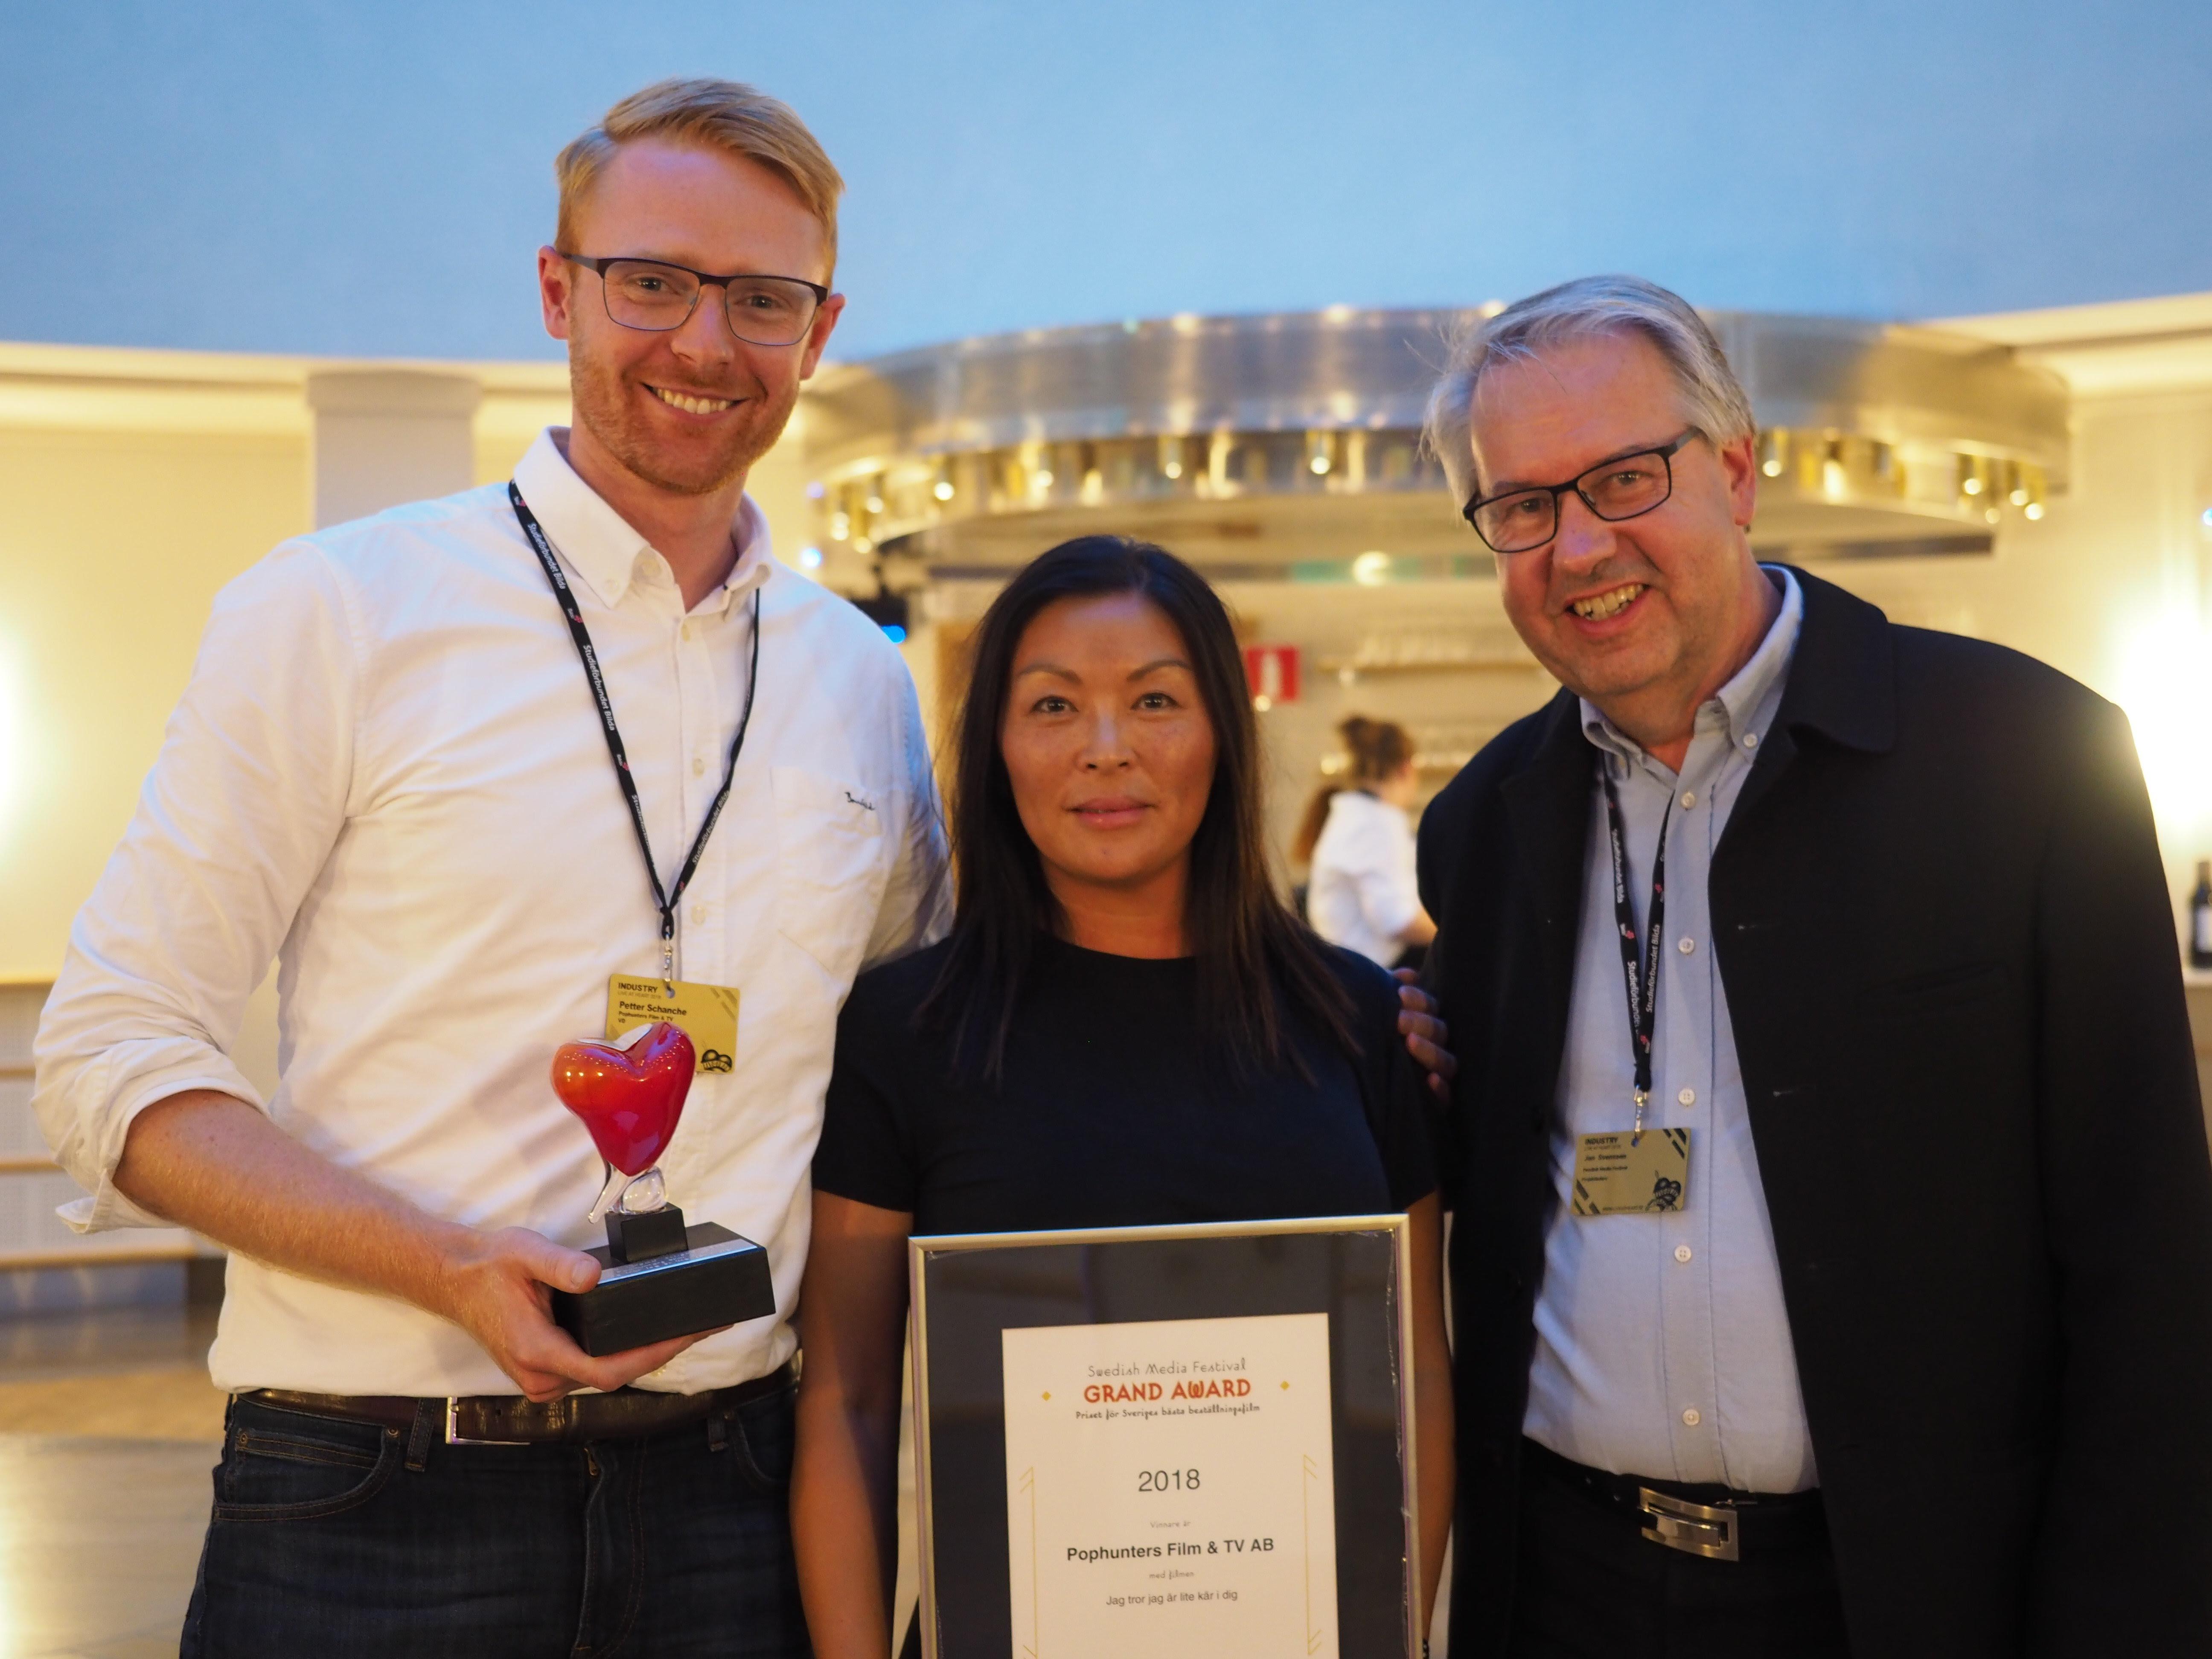 Pophunters VD Petter Schanche och Petra Falk från Aktiv Skola tar emot priset för Sveriges Bästa Beställningsfilm 2018